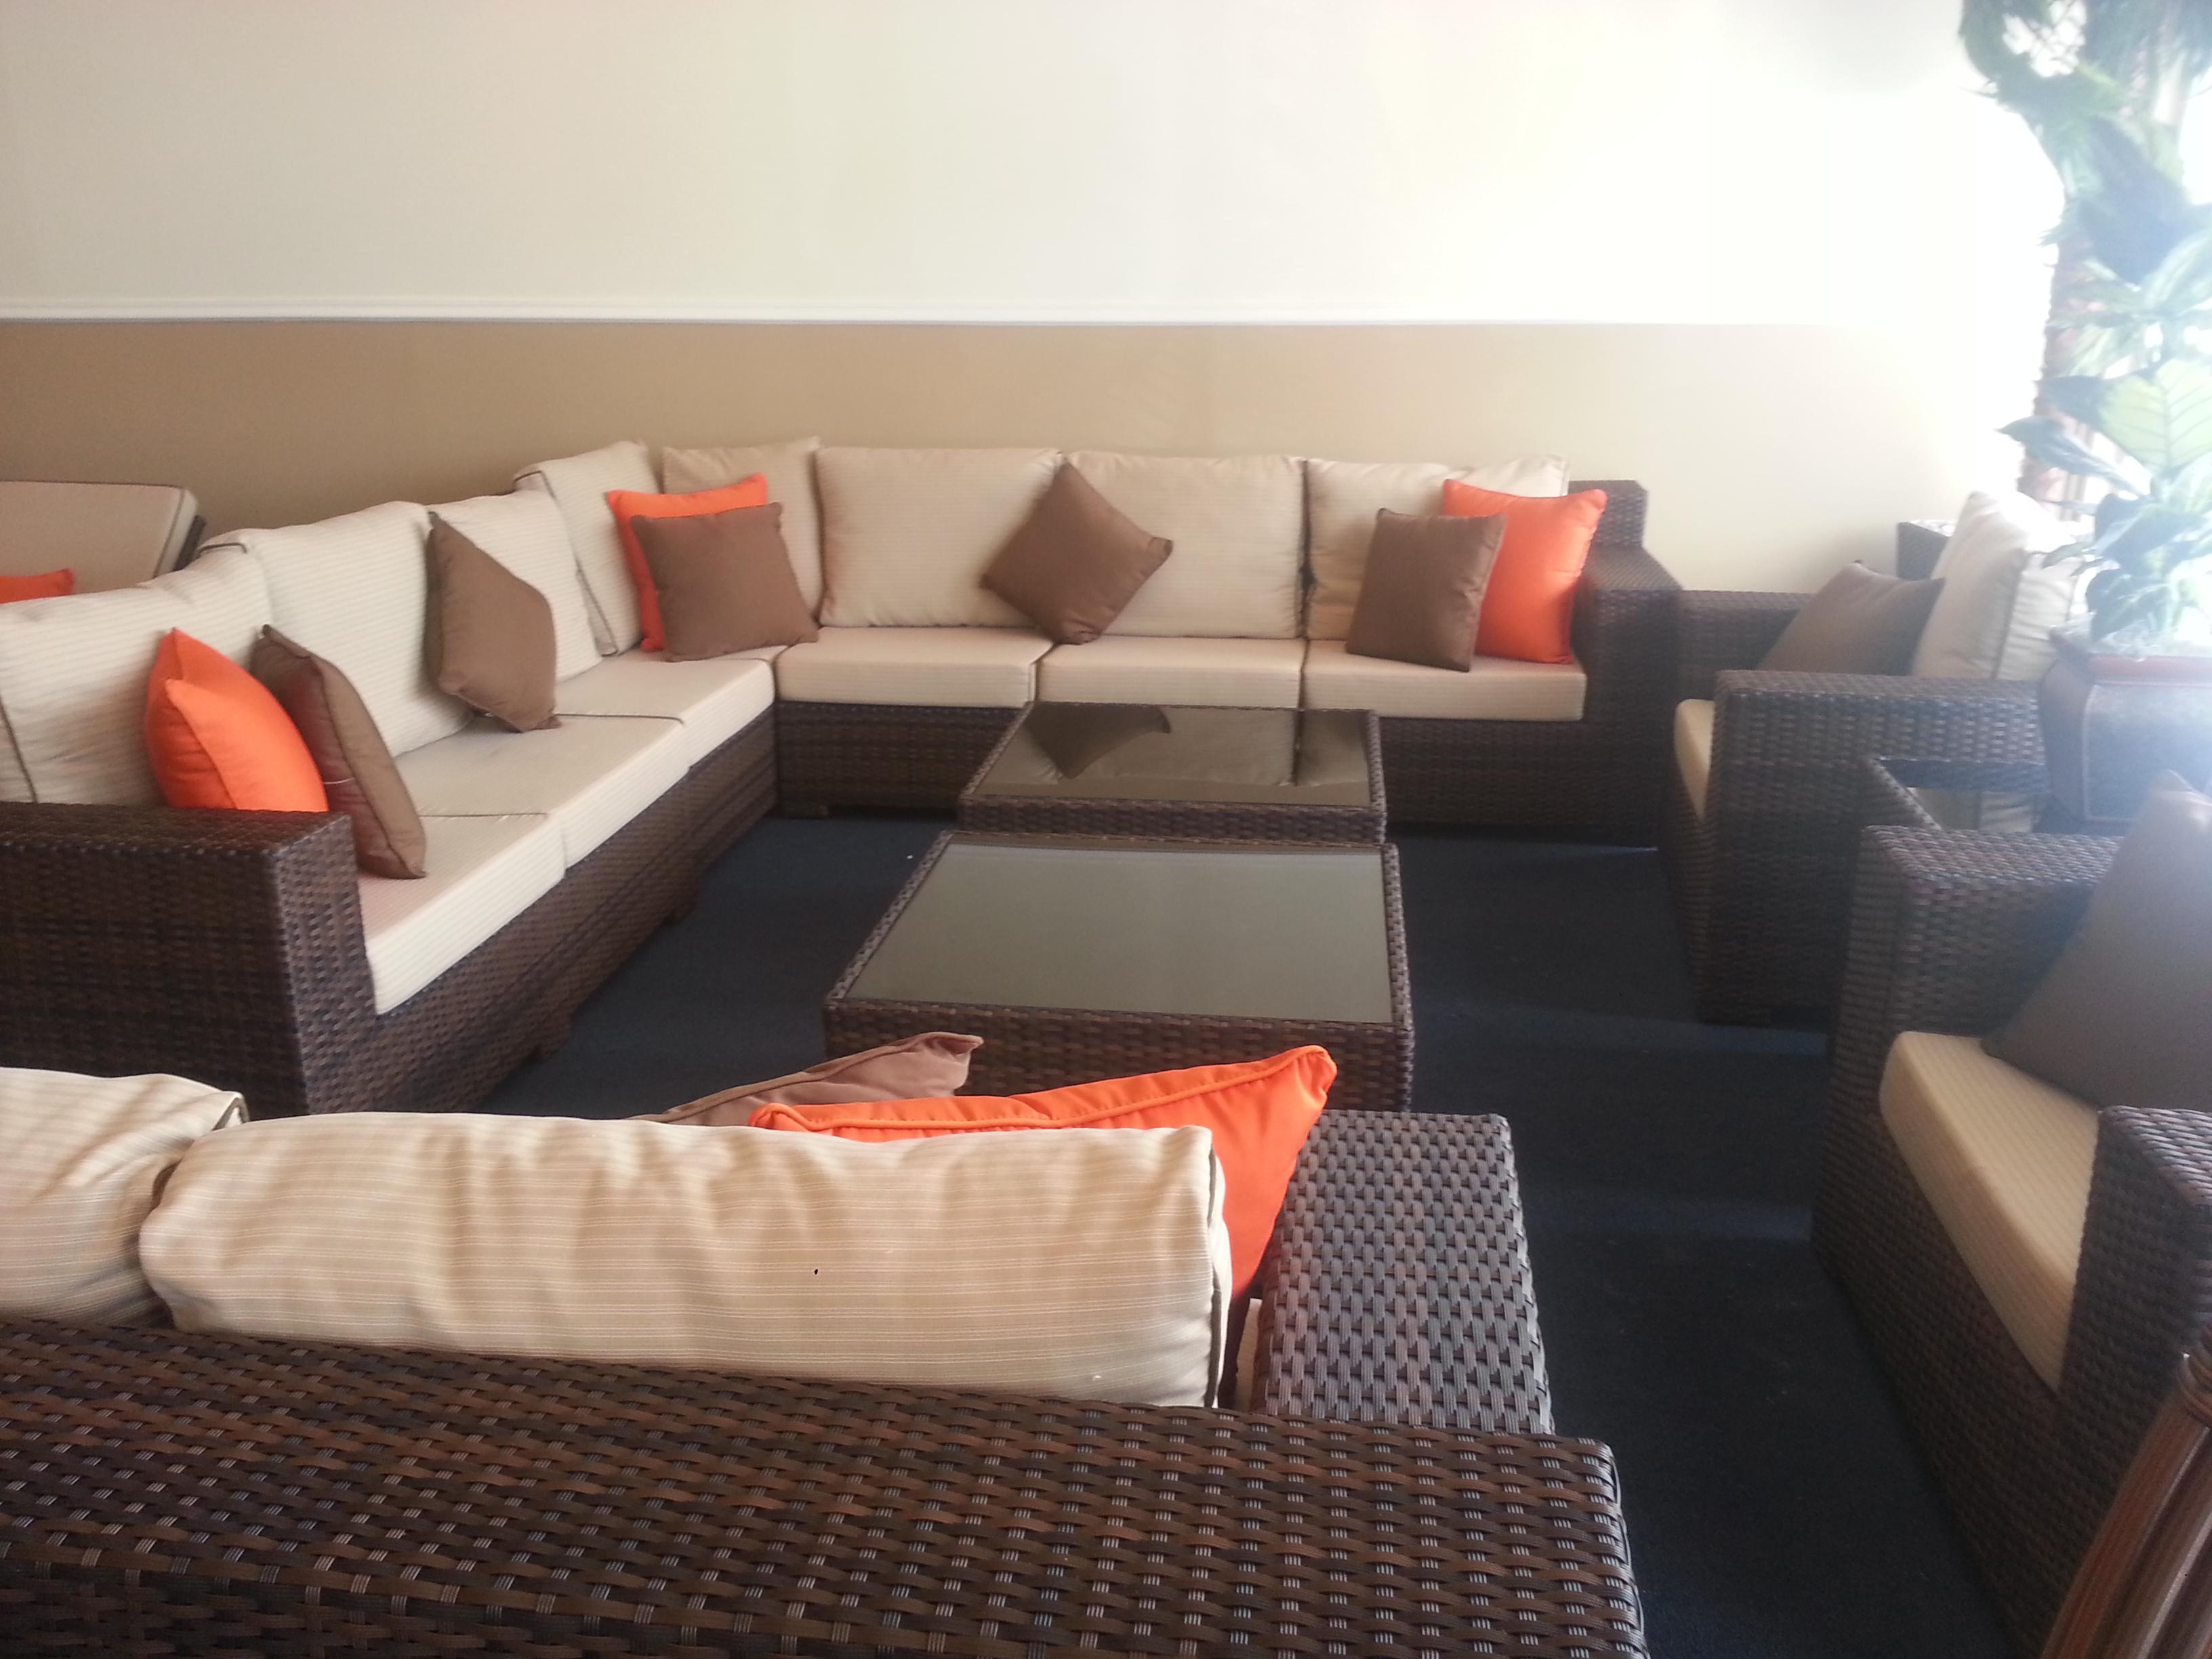 Best Patio Furniture Outdoor Patio Emporium Corp Hialeah